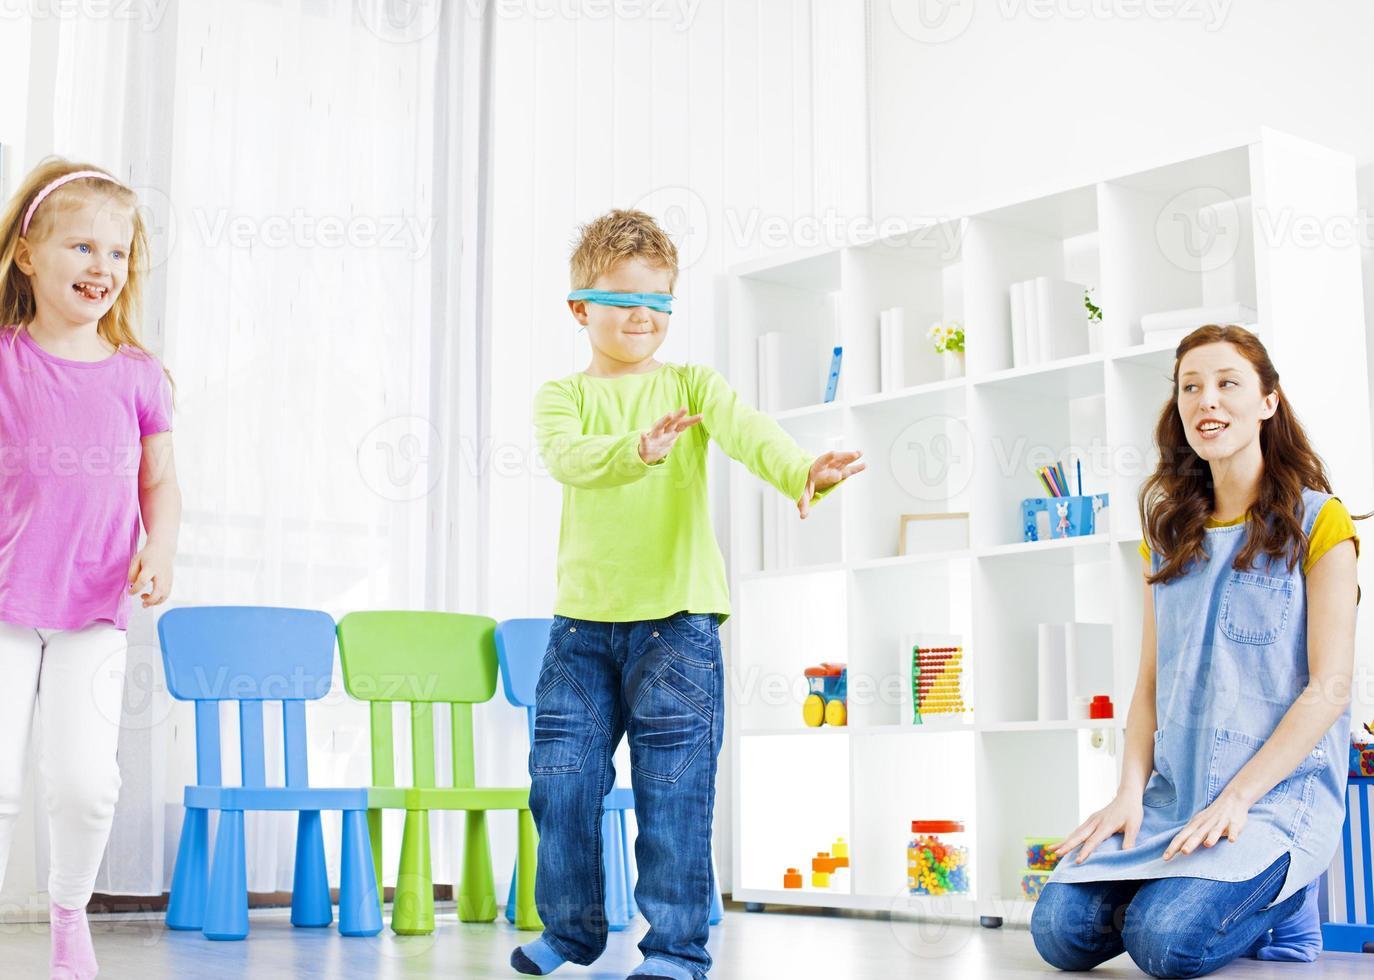 crianças brincando de esconde-esconde. foto